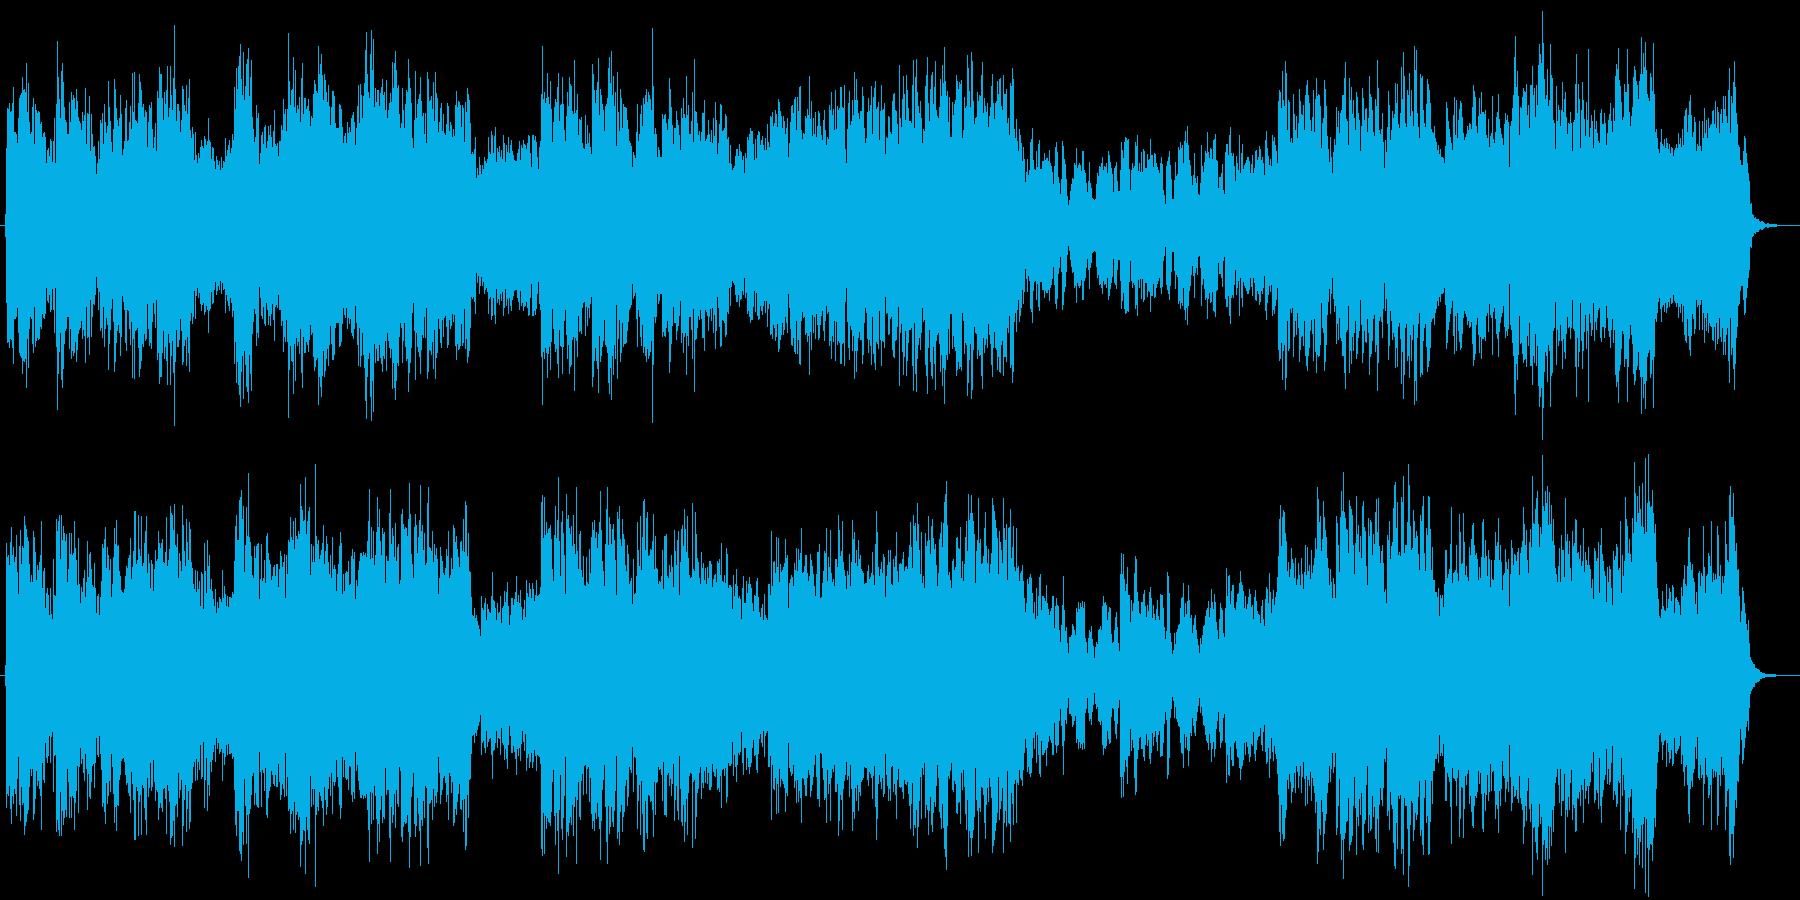 モーツァルトの「Dies Irae」の再生済みの波形